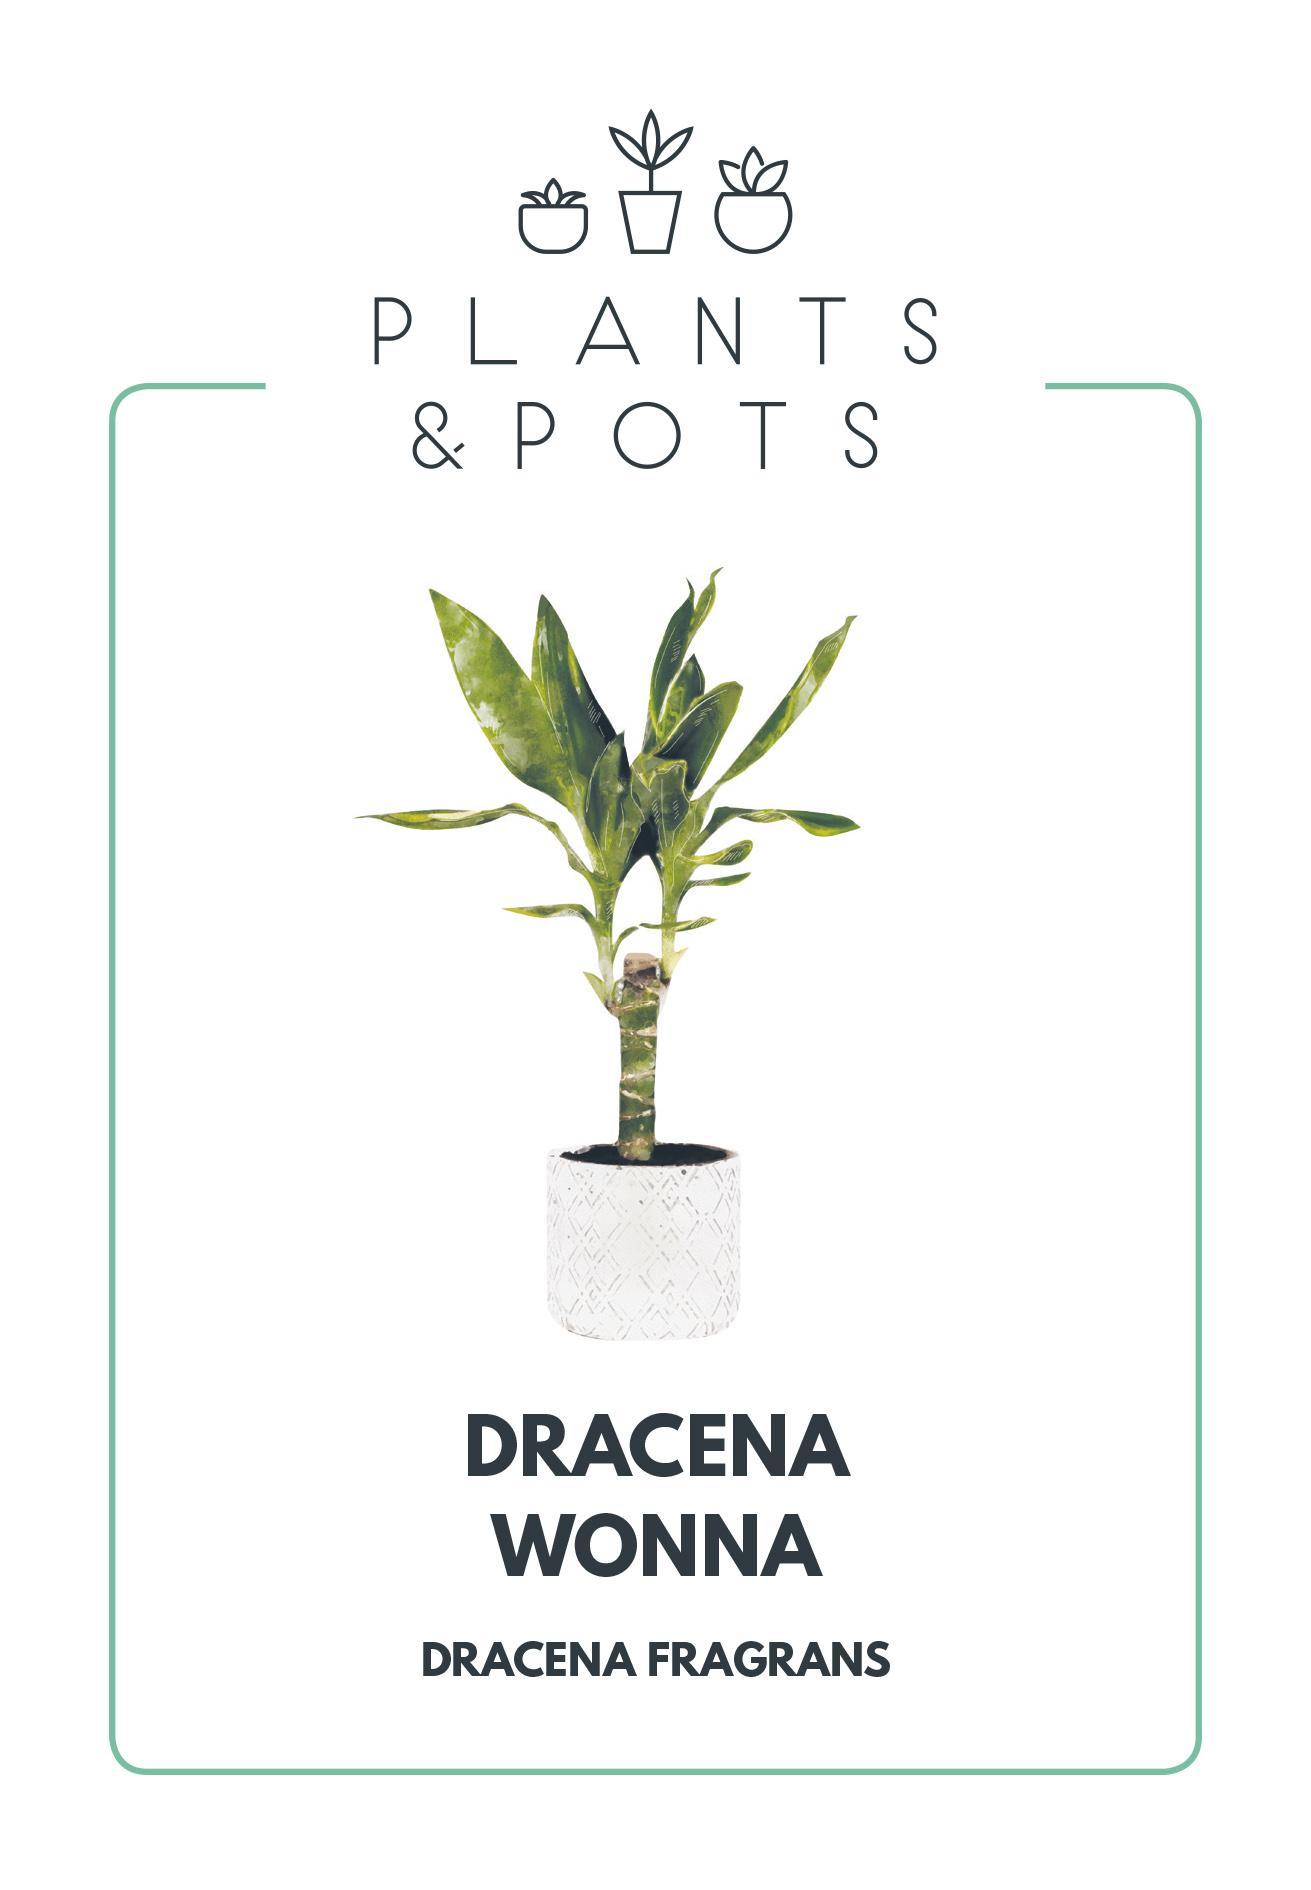 Dracena Wonna - Pielęgnacja